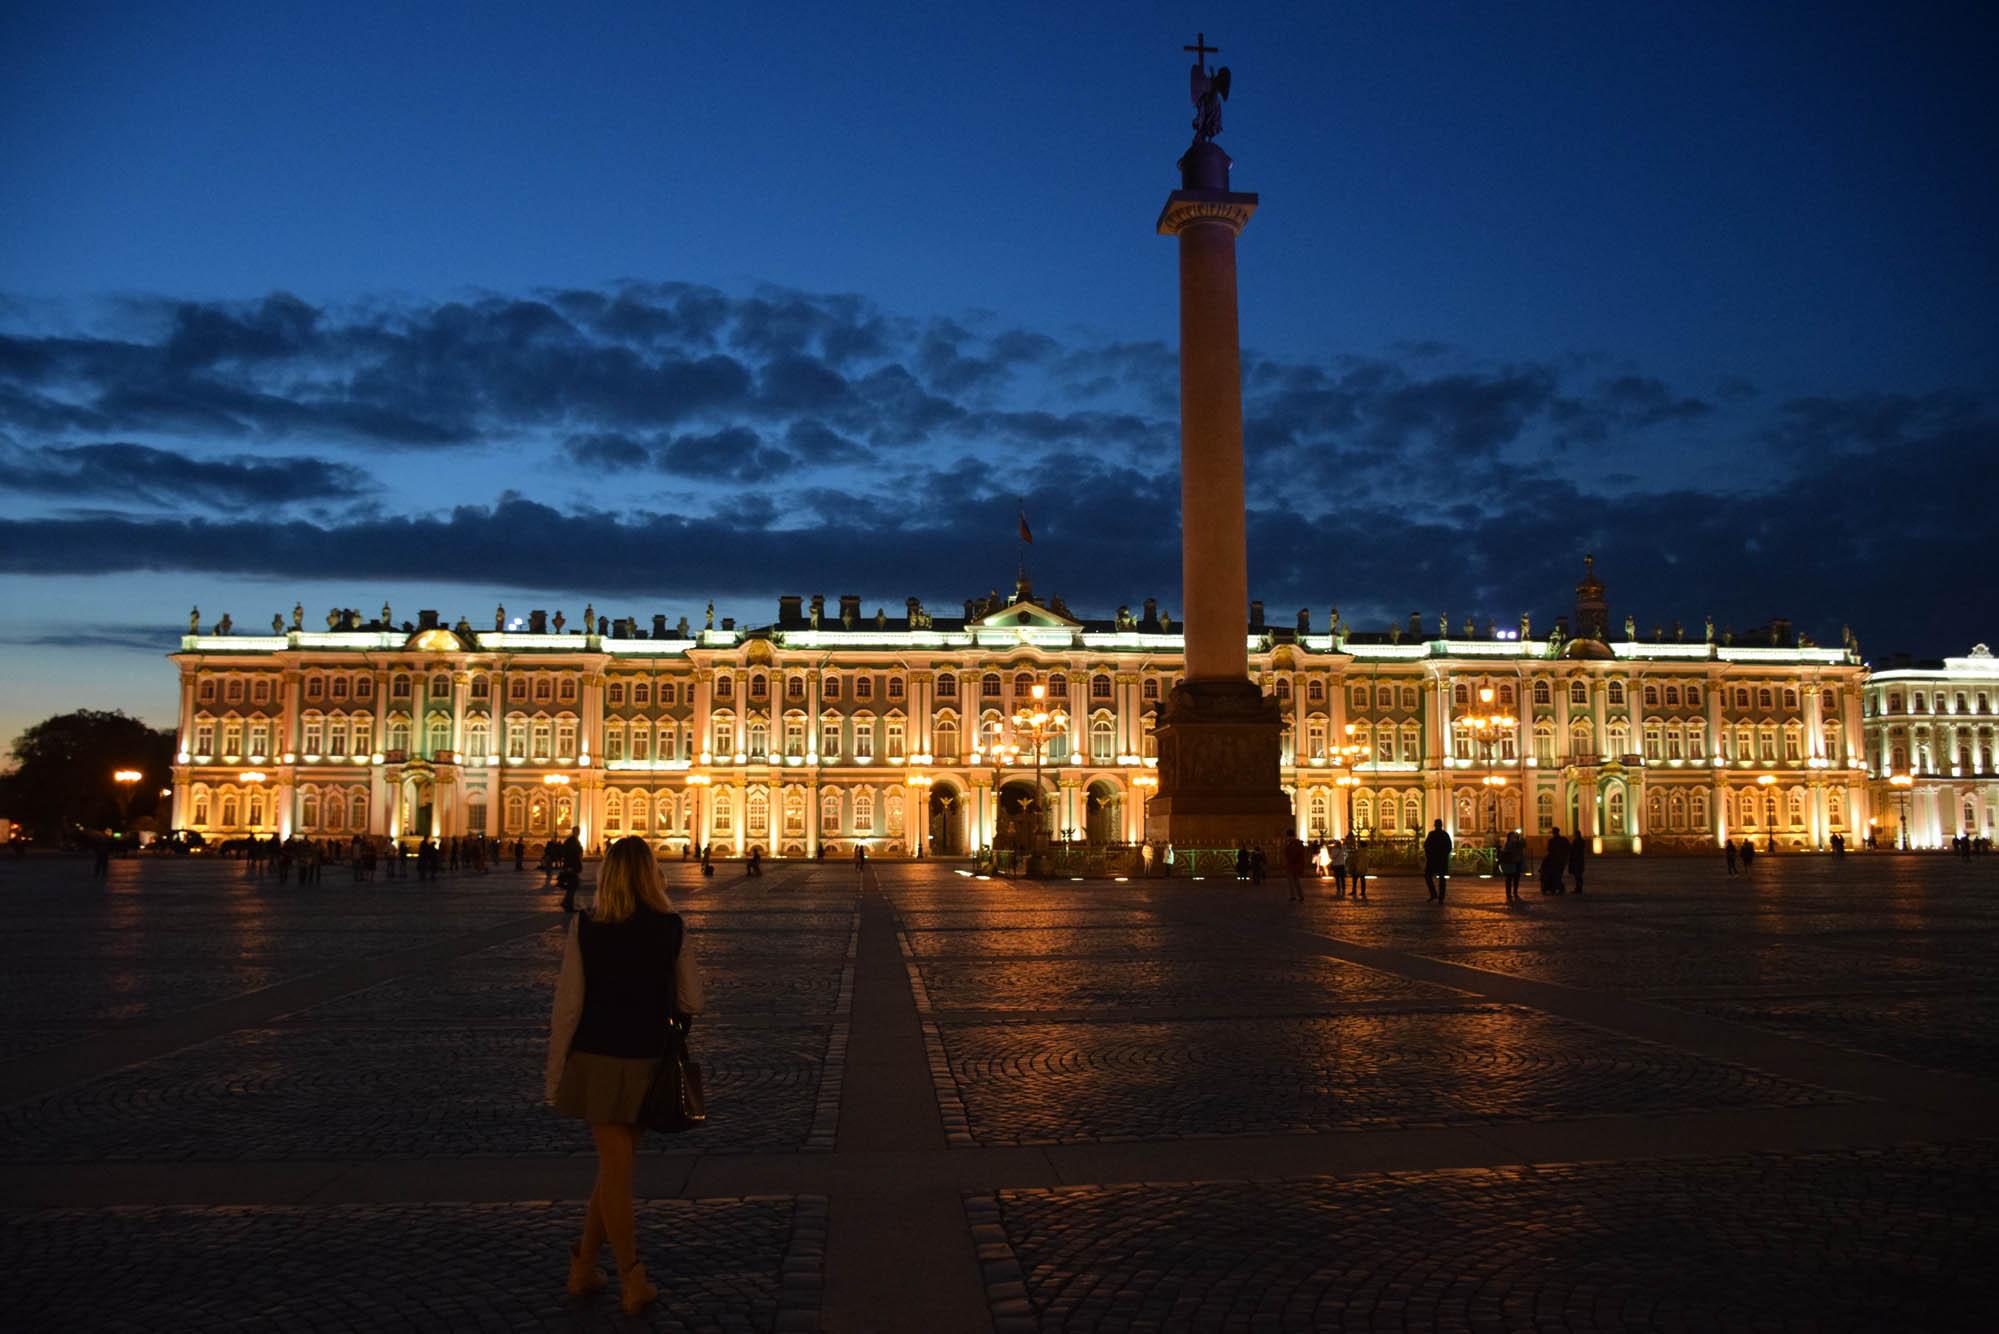 Palácio de Inverno e a Coluna de Alexander